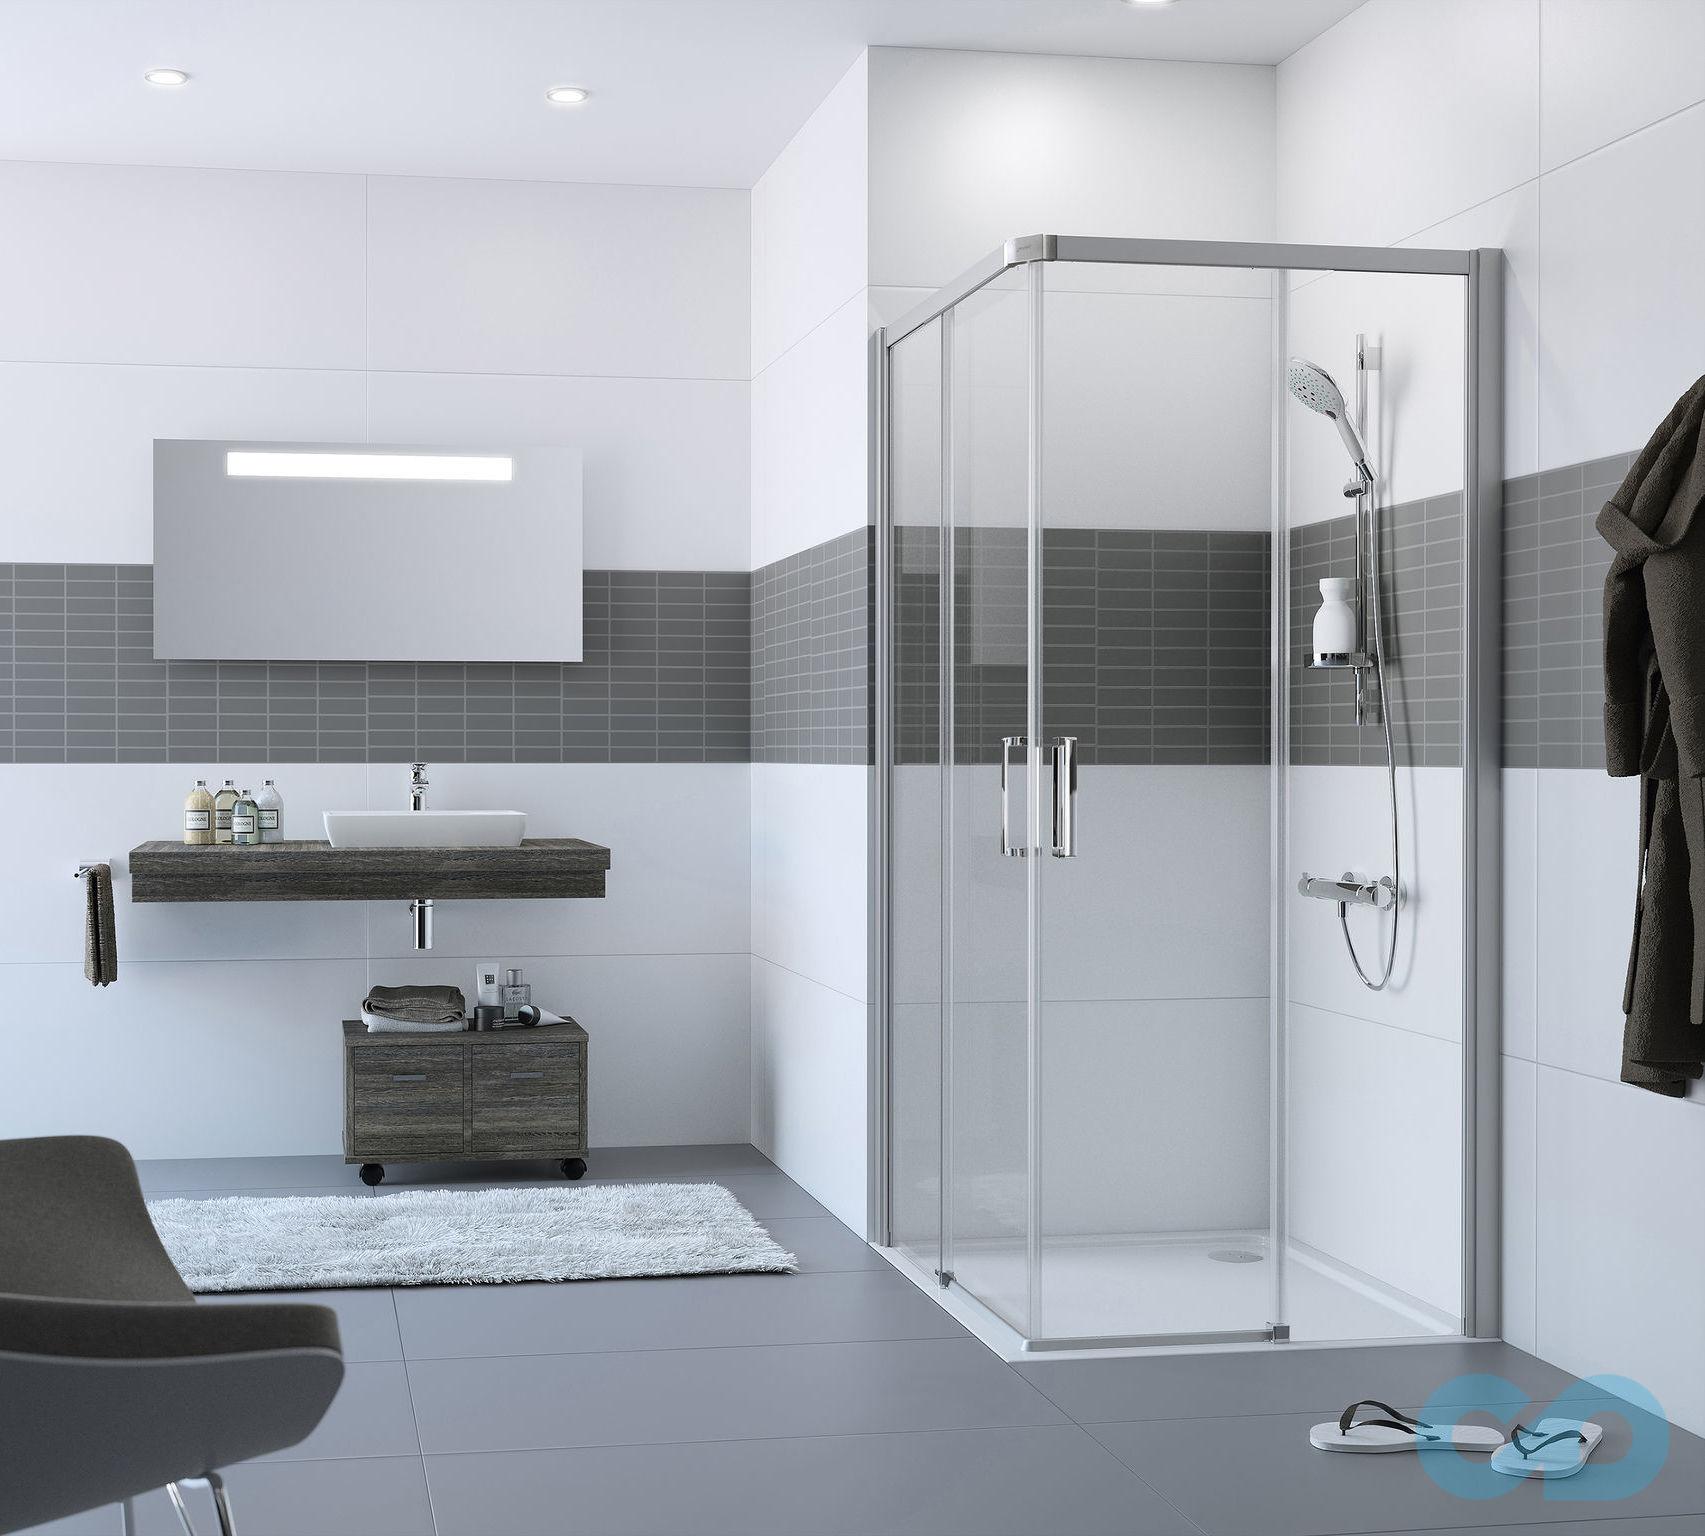 50 идей для ванной комнаты ванные комнаты 2018 дизайн ванной